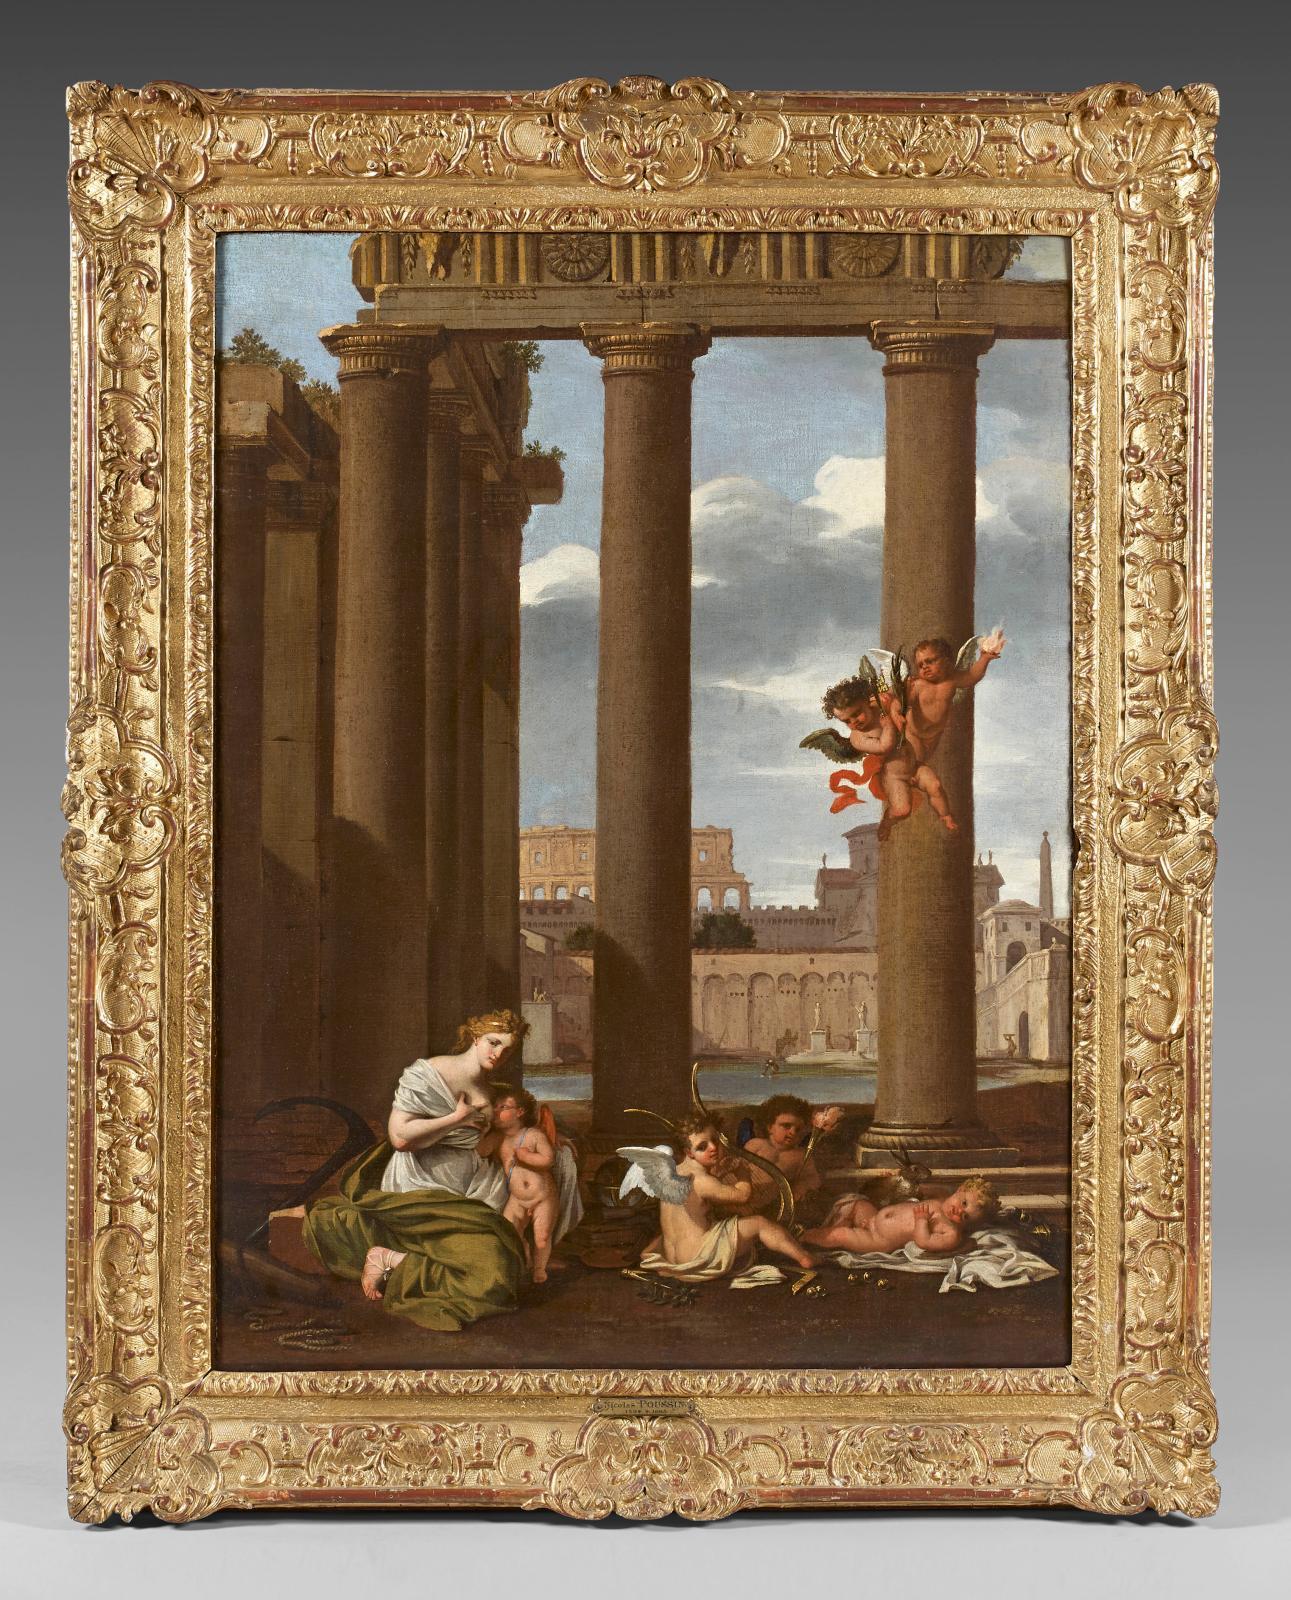 Thomas Blanchet (1614-1689), L'Amour nourri par l'Espérance, huile sur toile, 95,5x72,5cm. Paris, Drouot, 22 novembre 2013. Th. de Maigret OVV. M.